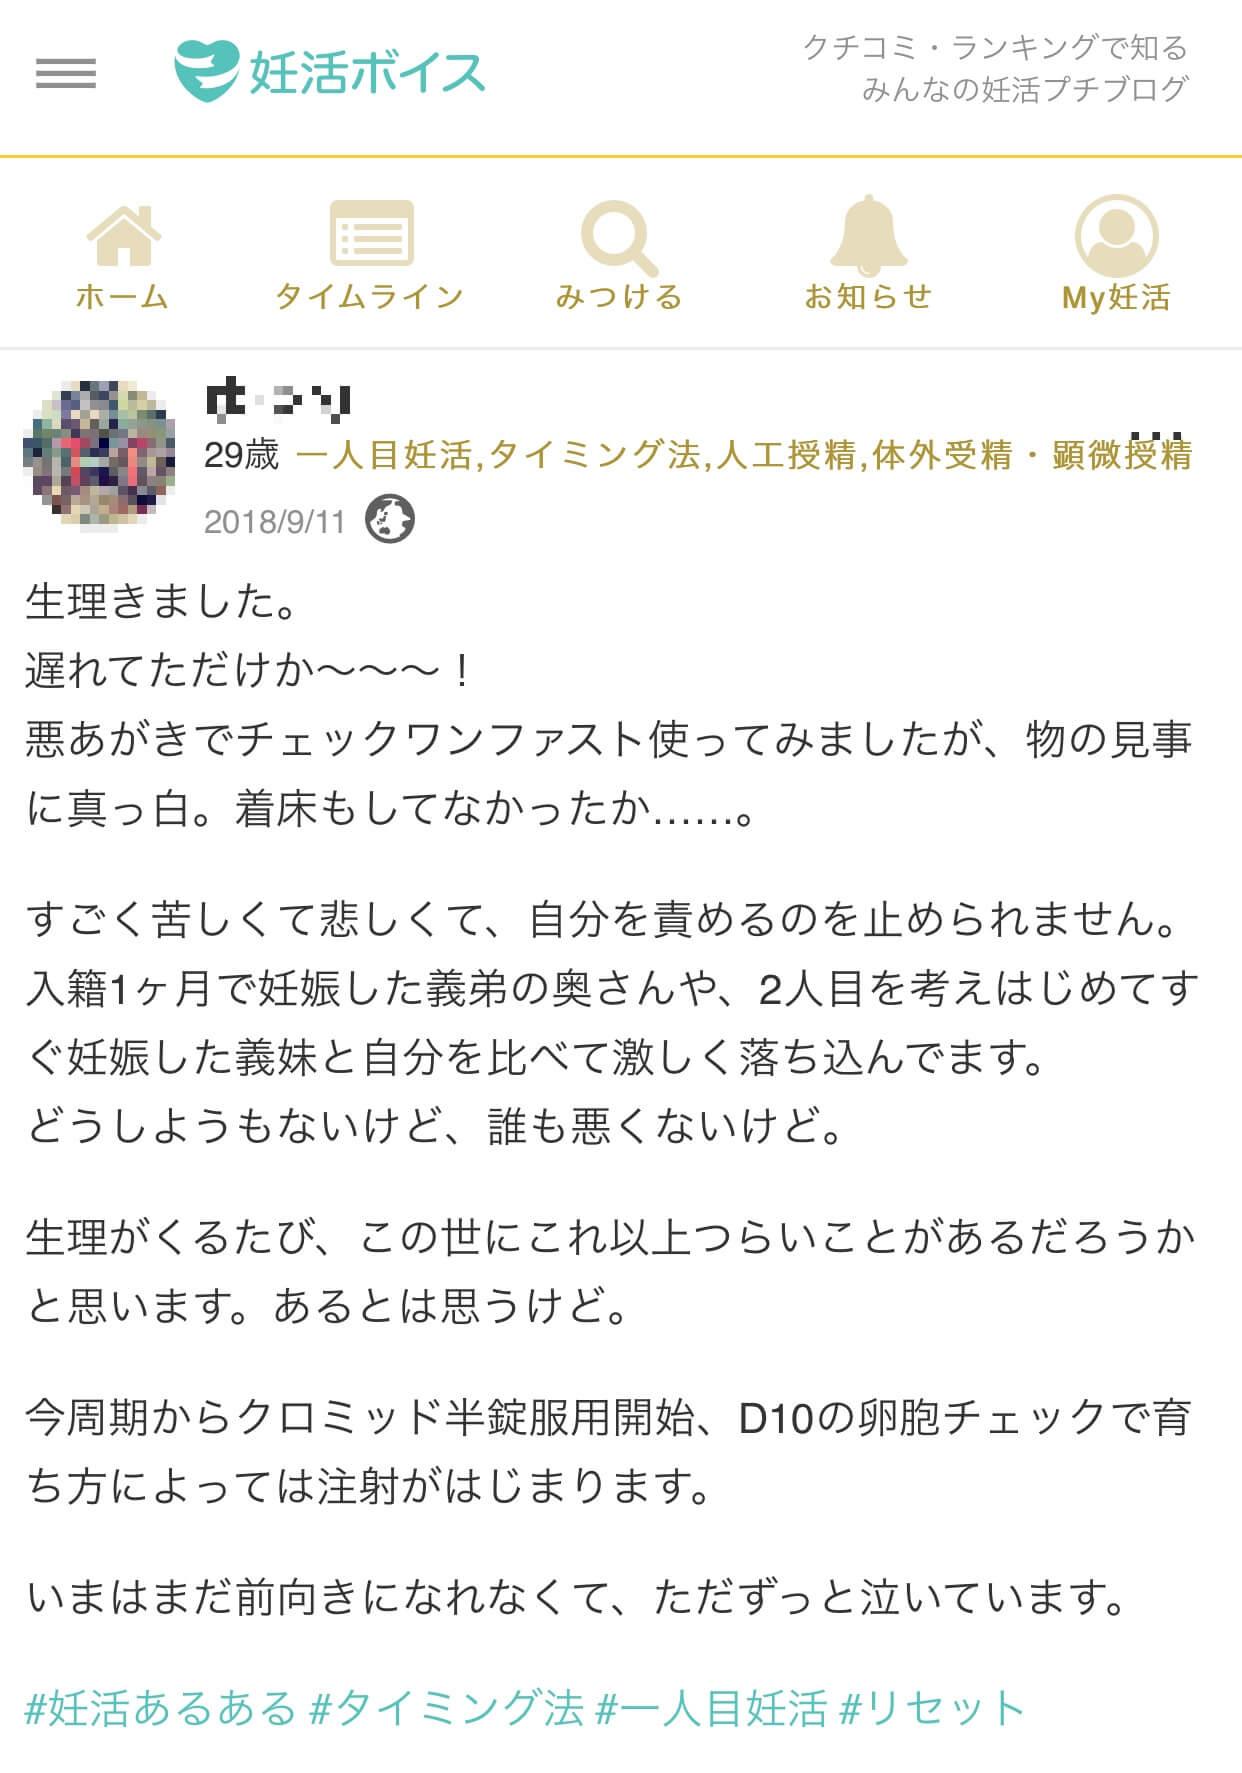 Yさん(29歳・1人目妊活・タイミング法・人工授精・体外受精・顕微授精)